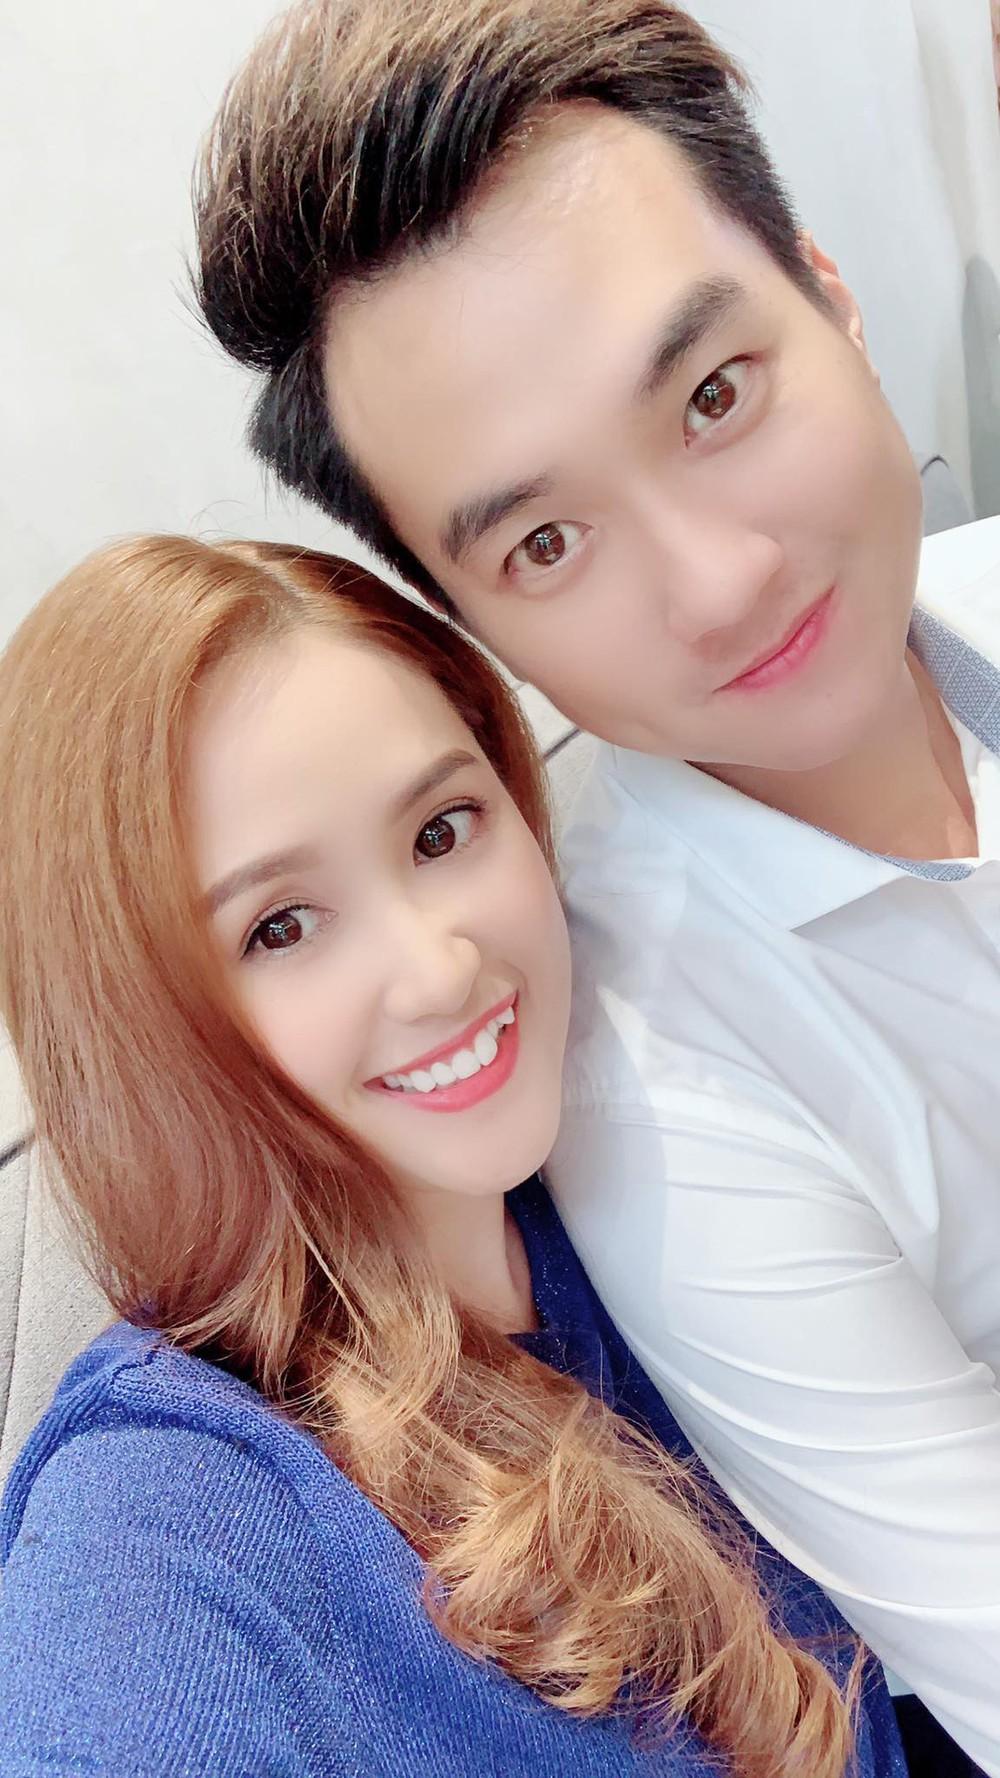 """Hoa hậu Mai Phương Thúy và Phương Hằng """"Gạo nếp gạo tẻ"""" giống nhau như chị em một nhà - Ảnh 1."""